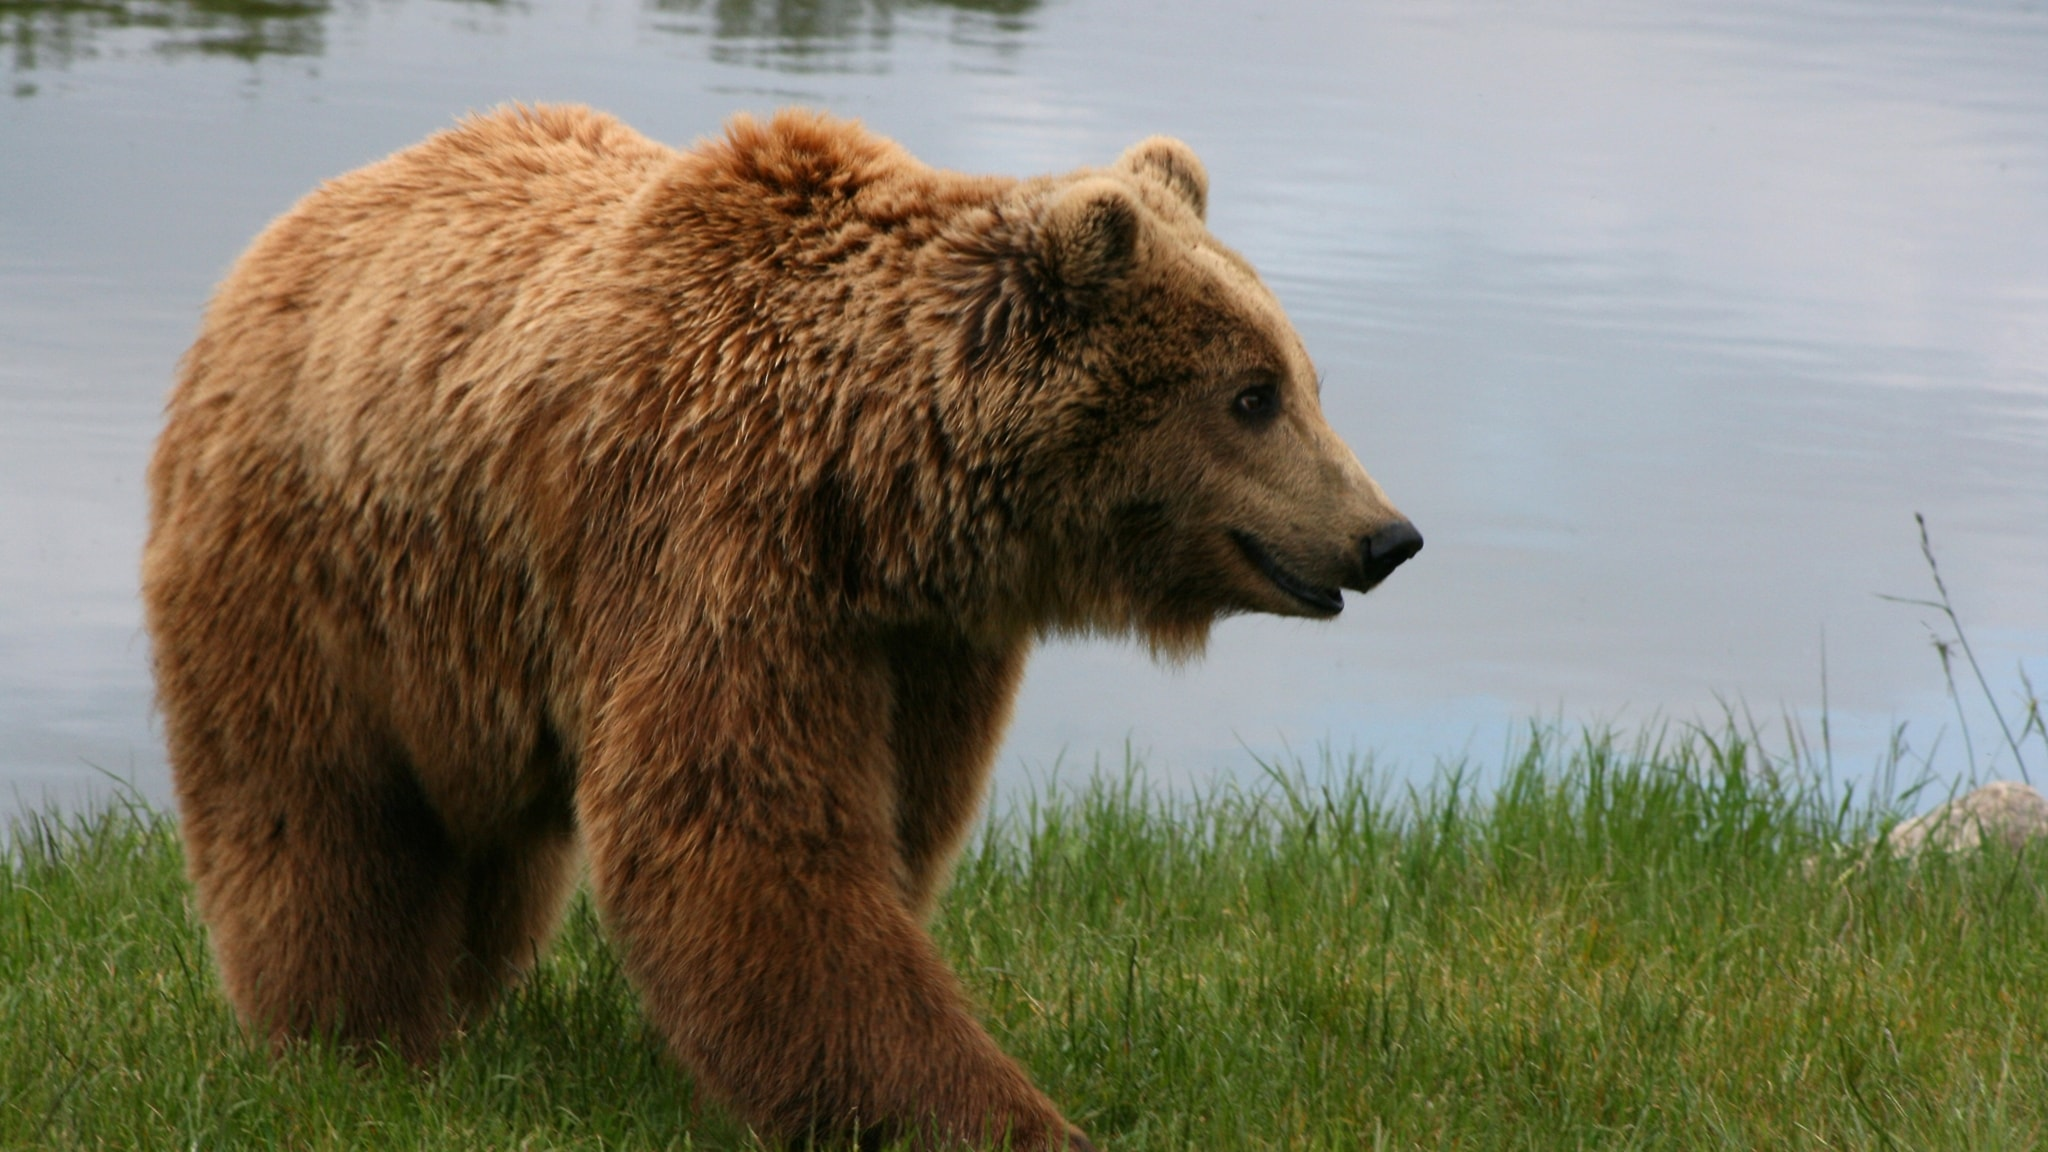 Drömmer björnen i idet? Naturpanelen svarar på lyssnarfrågor